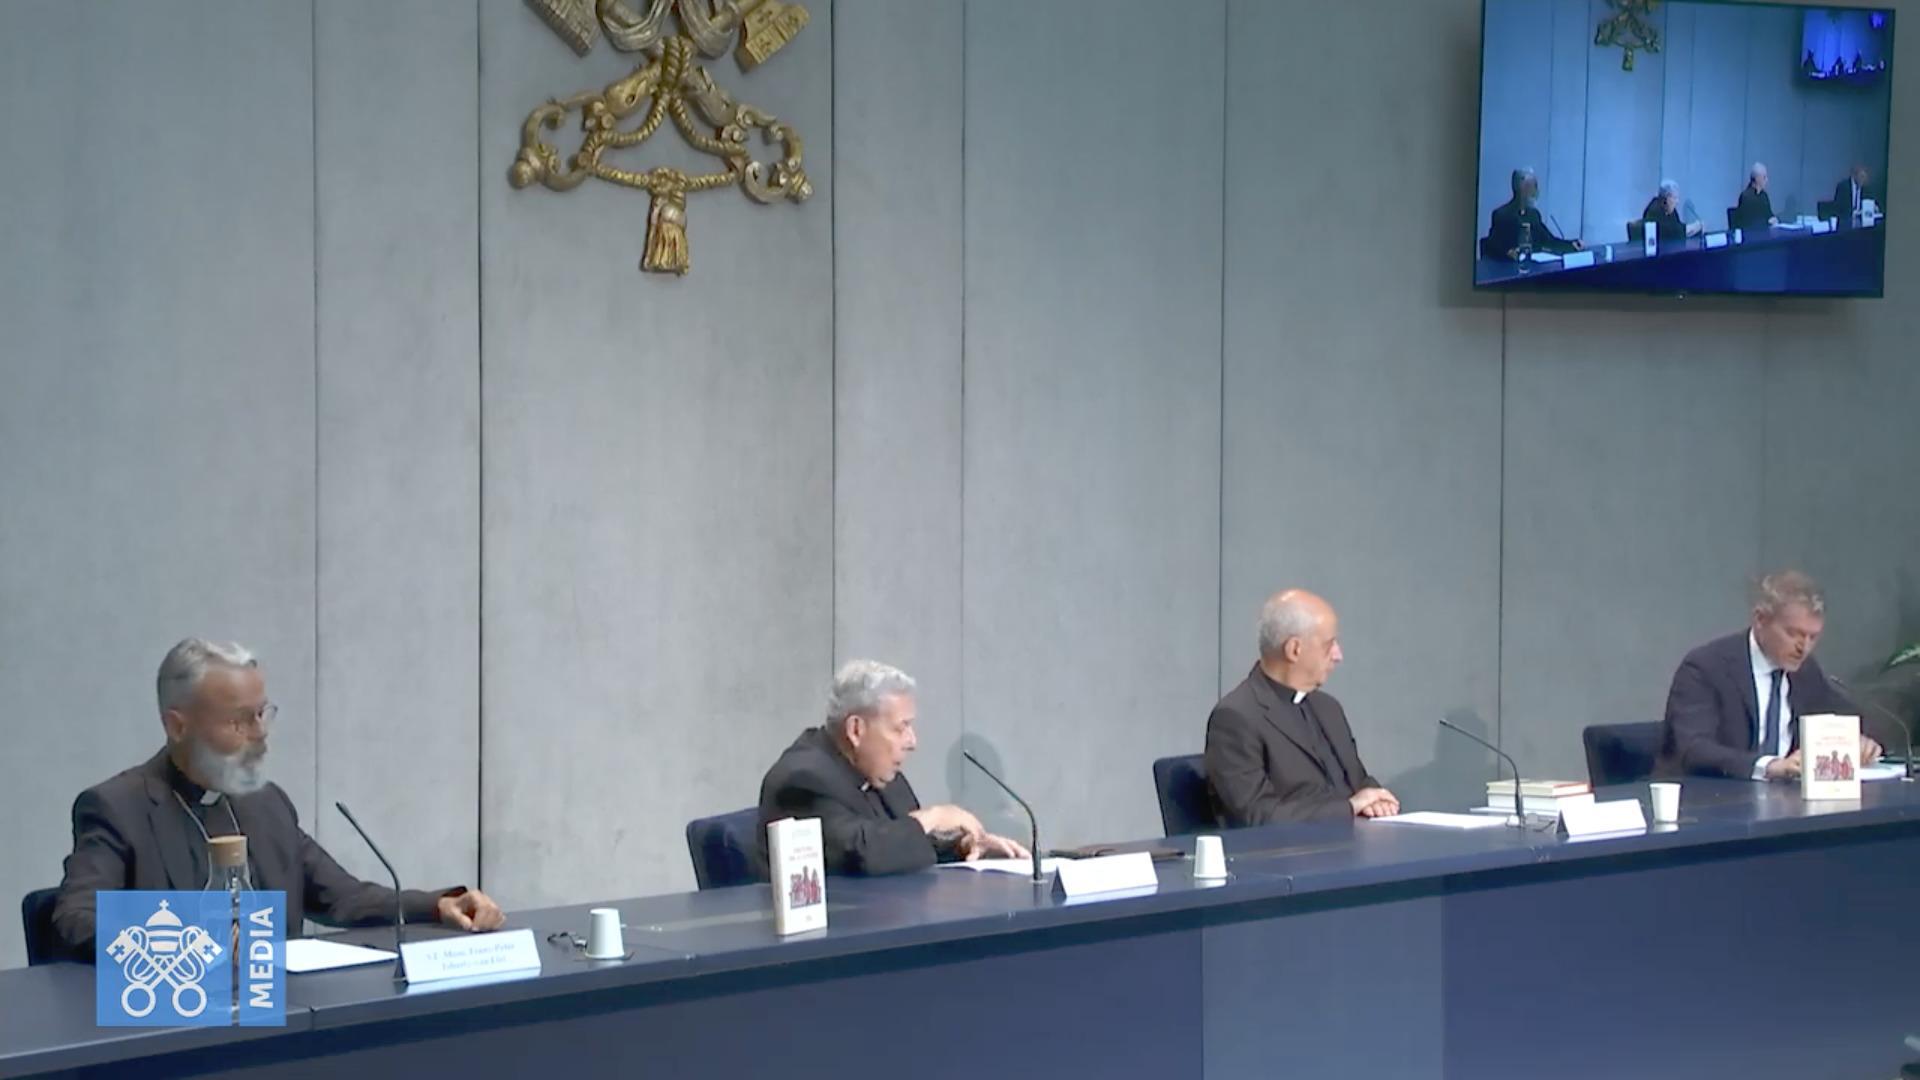 Directoire pour la catéchèse, présentation, 25 juin 2020, capture @ Vatican Media